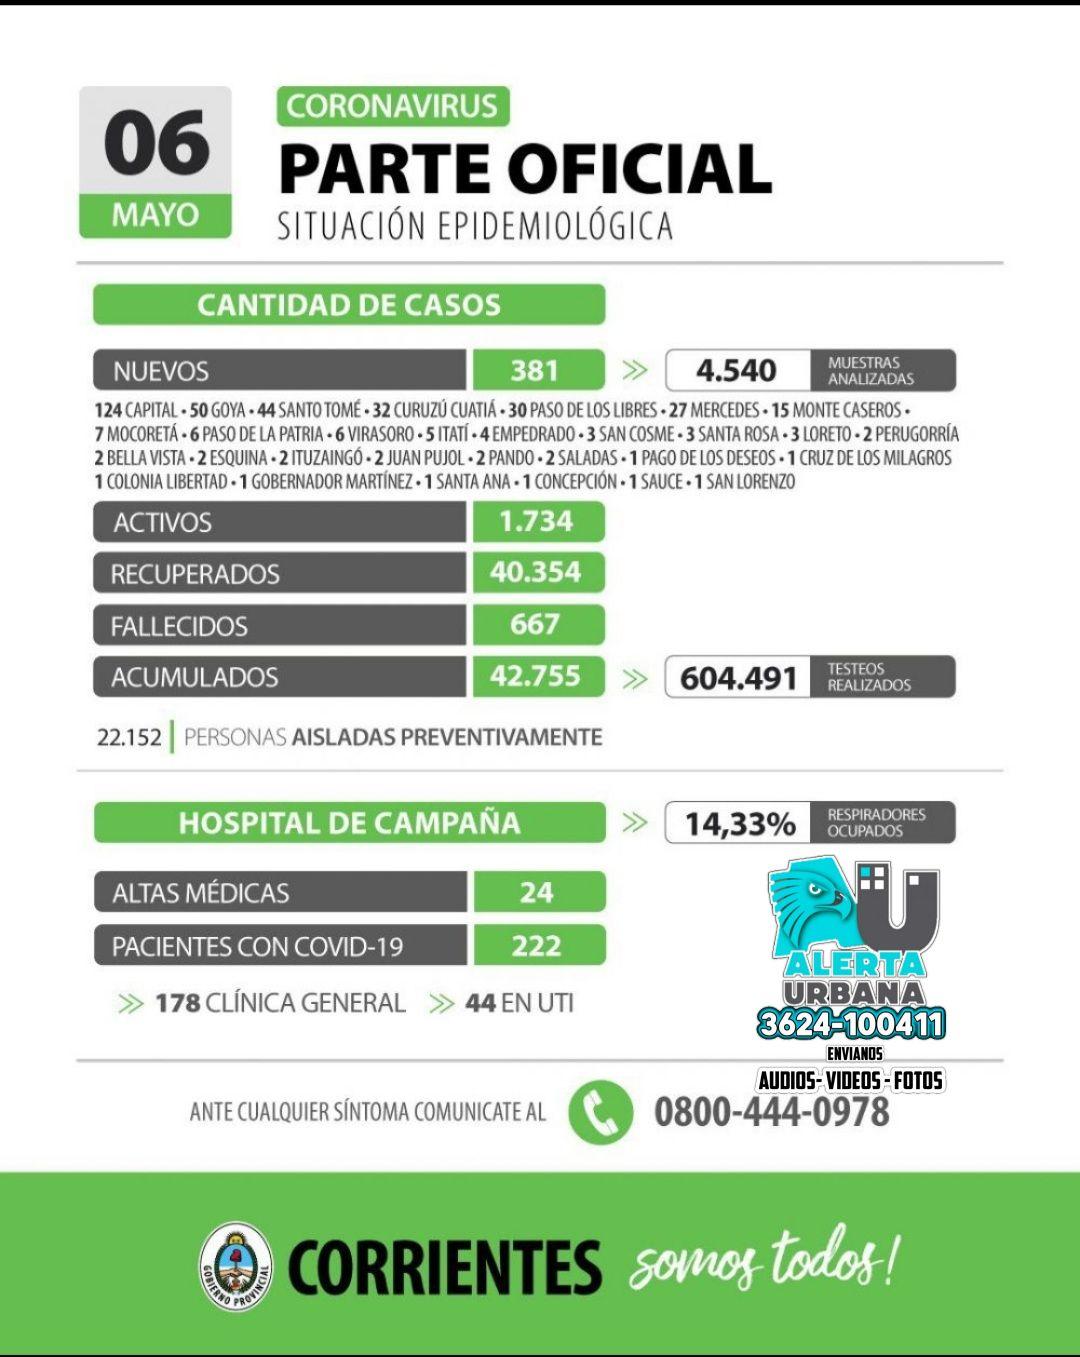 Informan de 381 casos nuevos de coronavirus en Corrientes